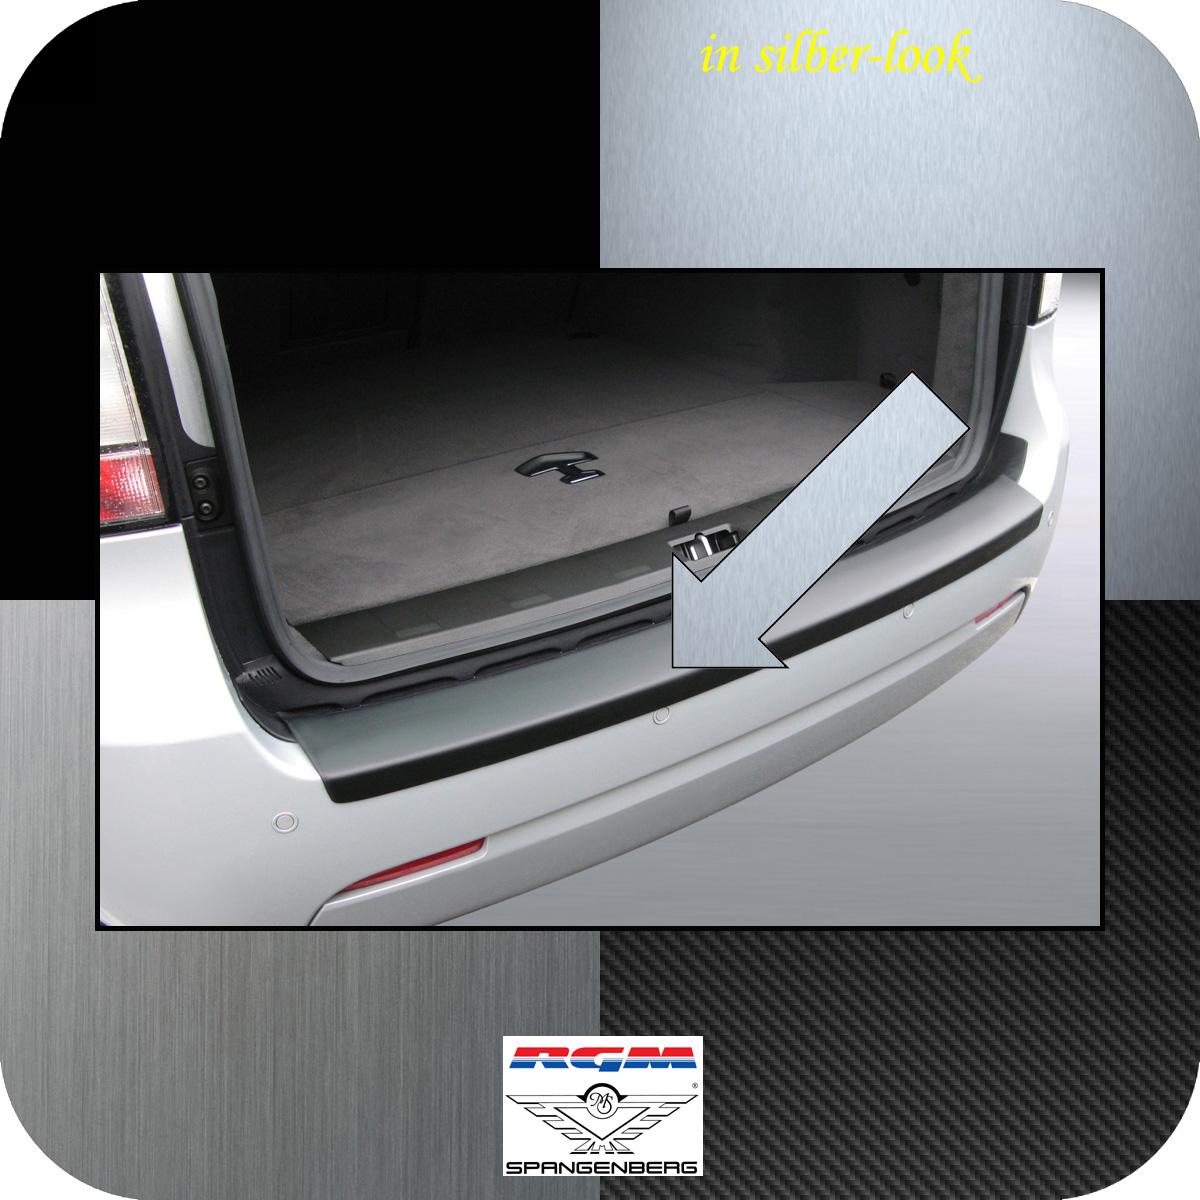 Ladekantenschutz Silber-Look Saab 9-3 II SportCombi vor facelift 2005-07 3506402